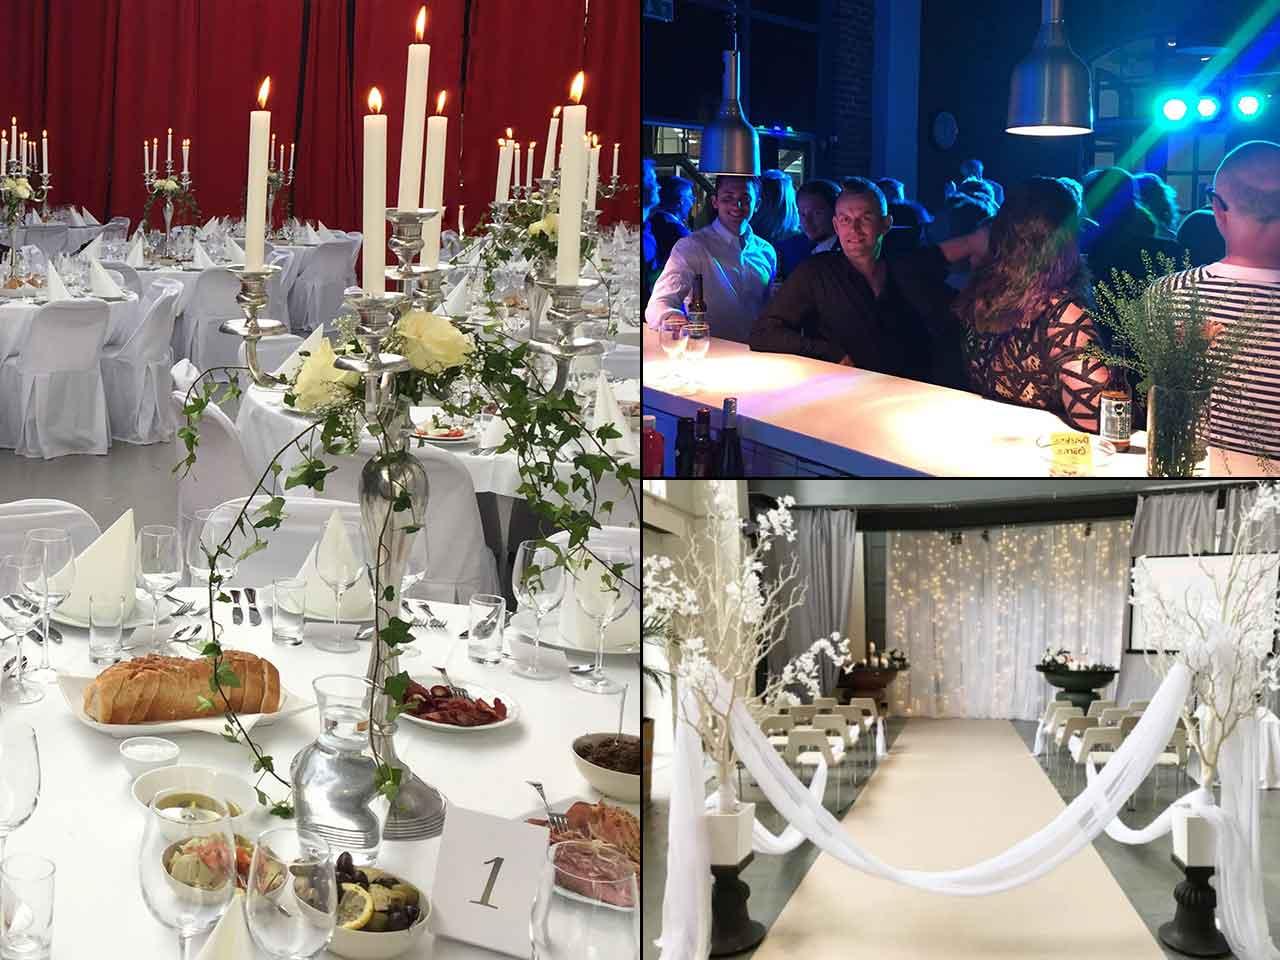 Bröllopsfest på Lavalhallen - collage